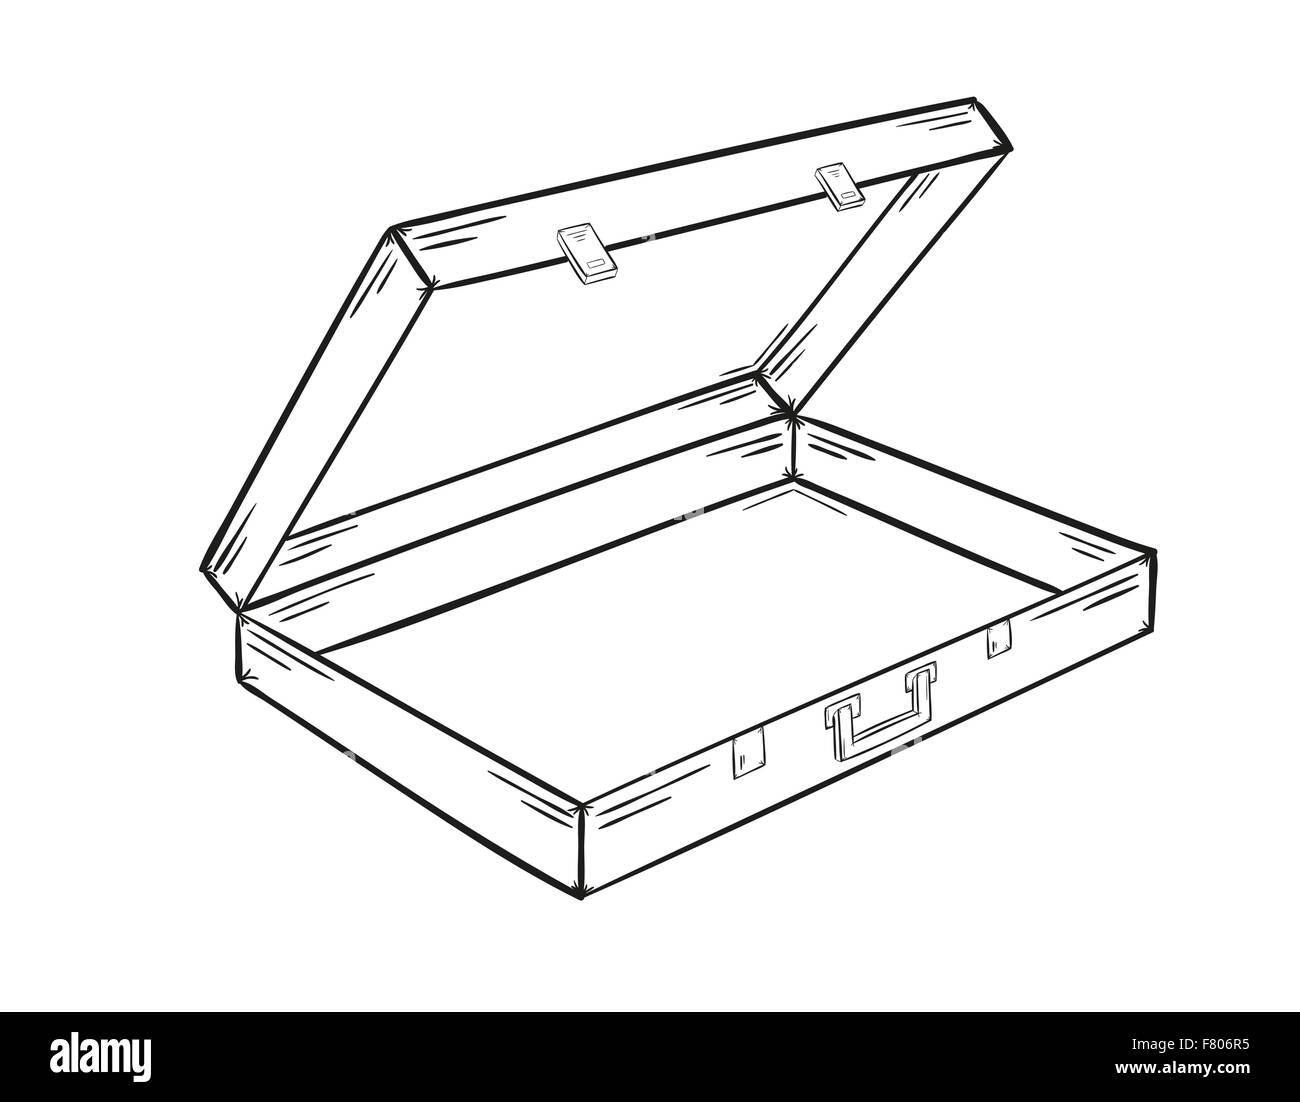 Open briefcase silhouette